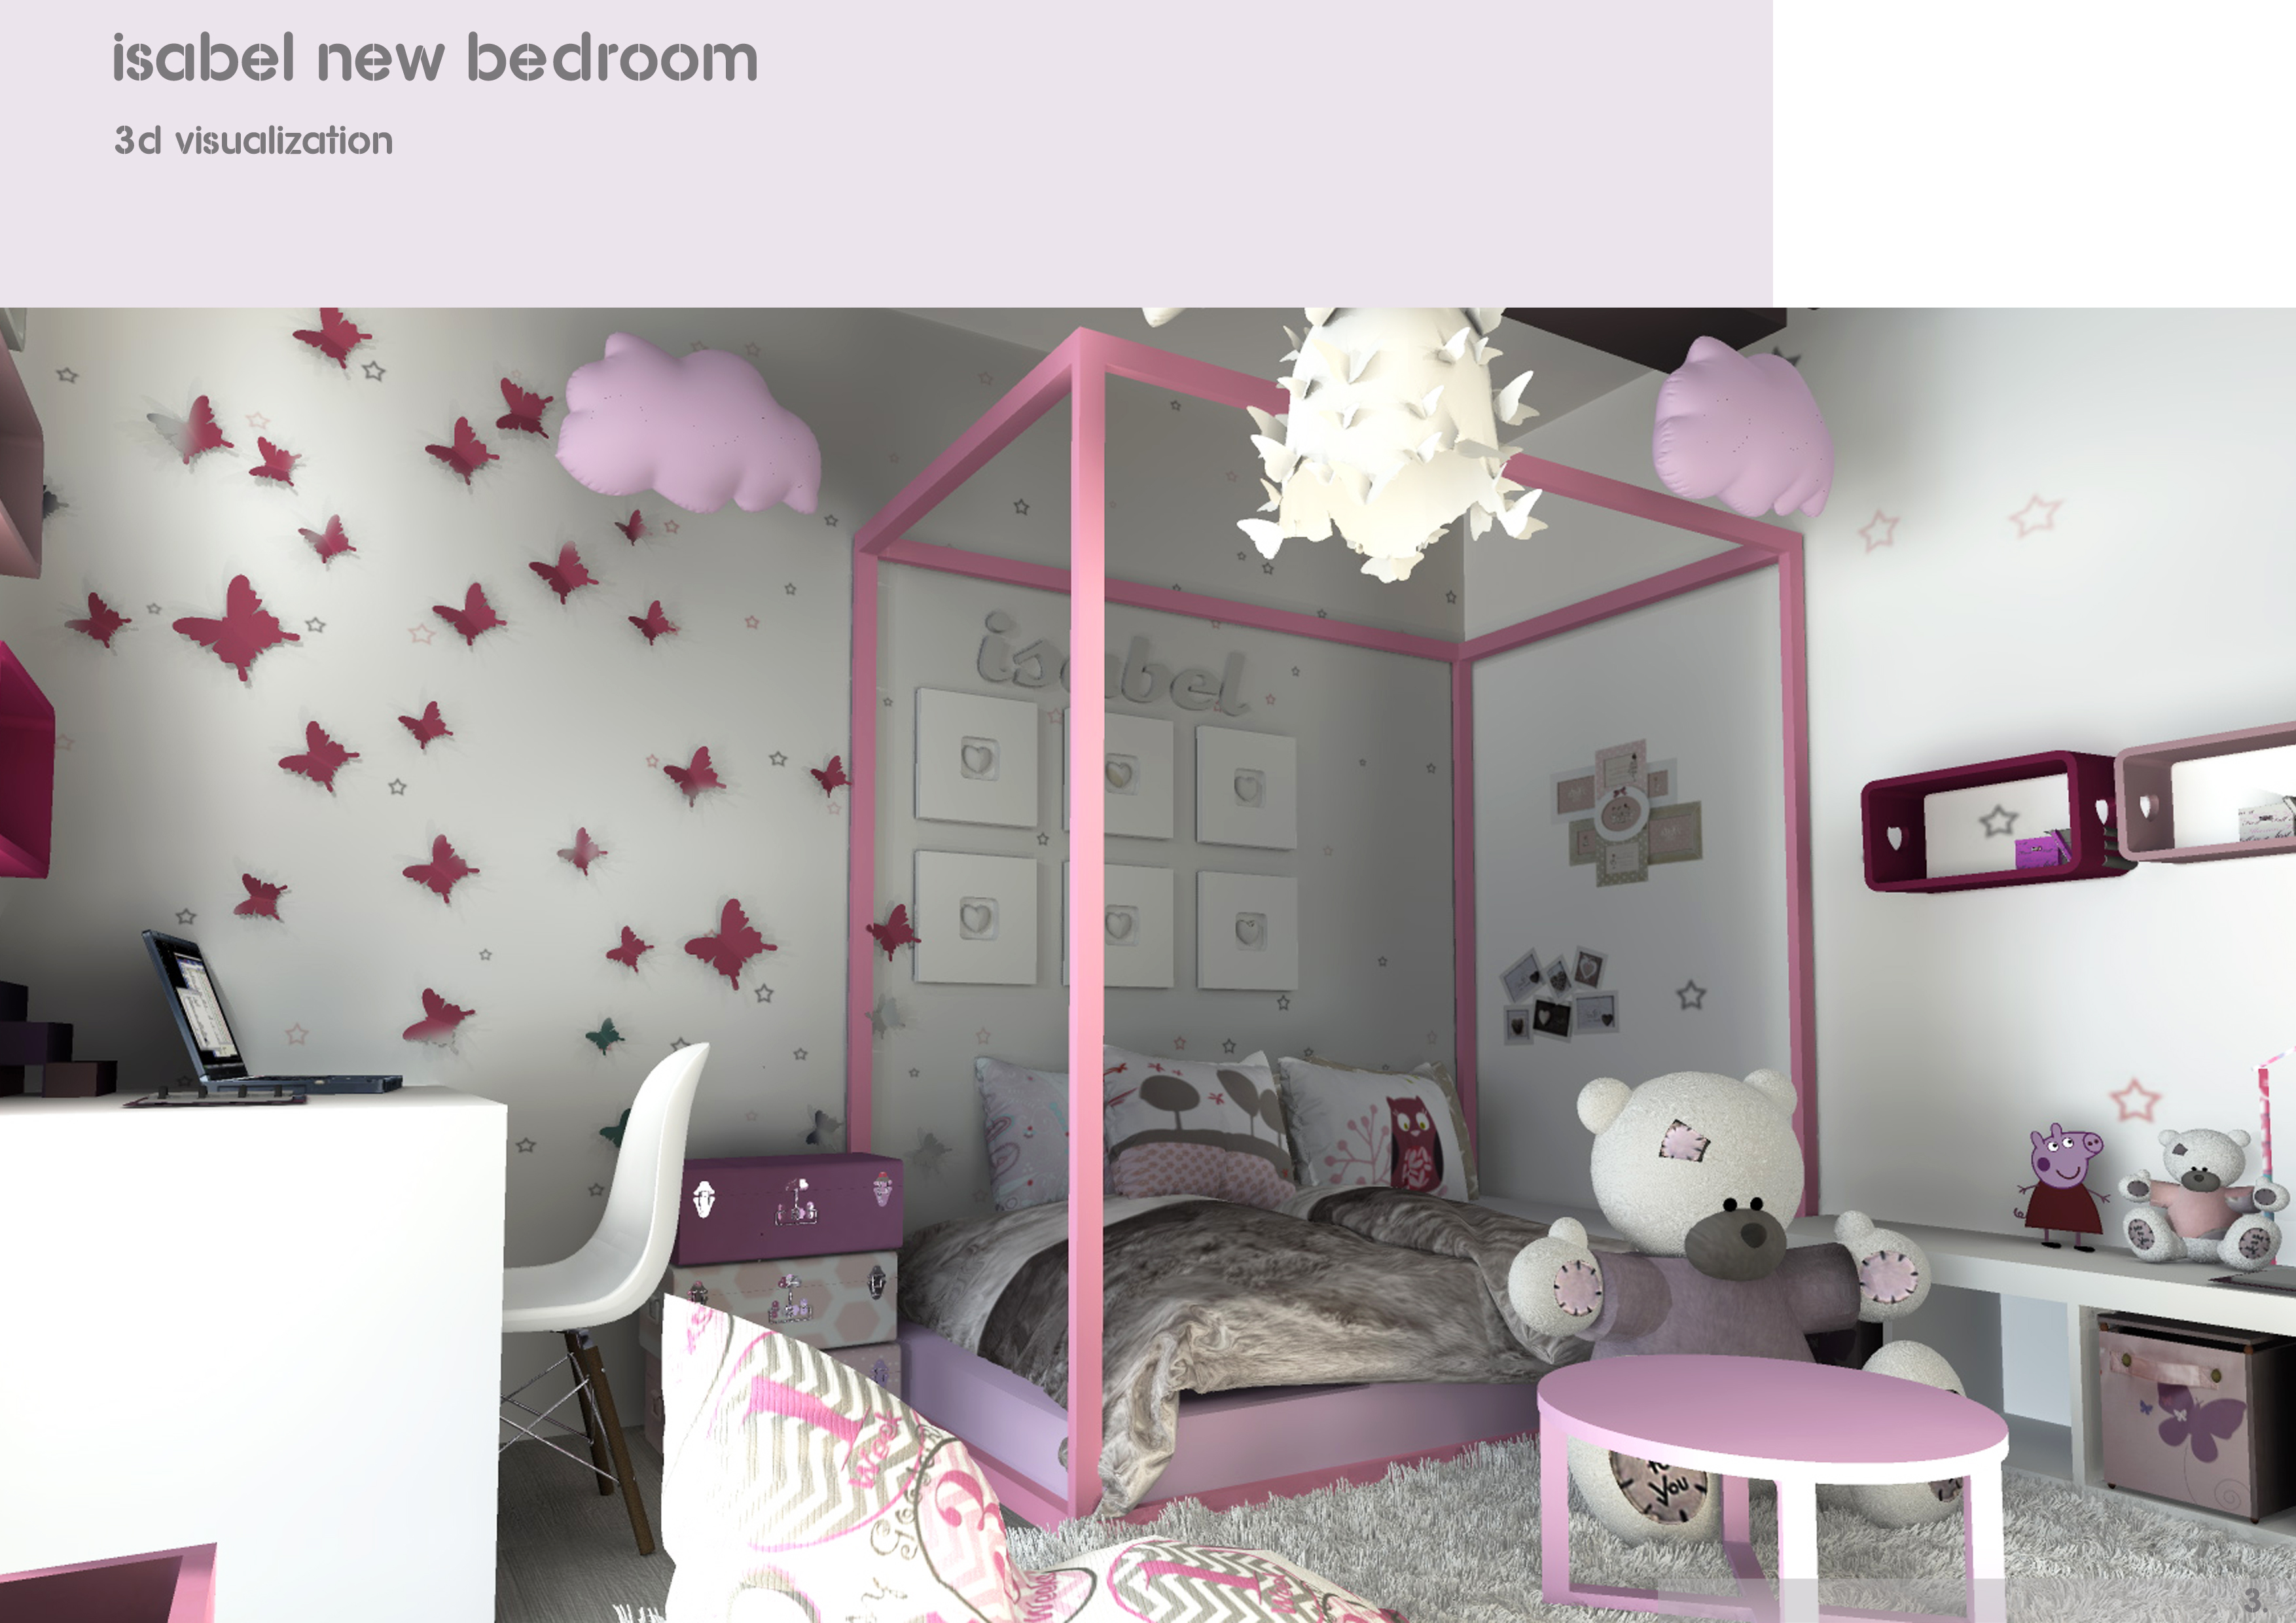 9 proposte per arredare la stanza da letto dei bambini - Idee per decorare una stanza ...